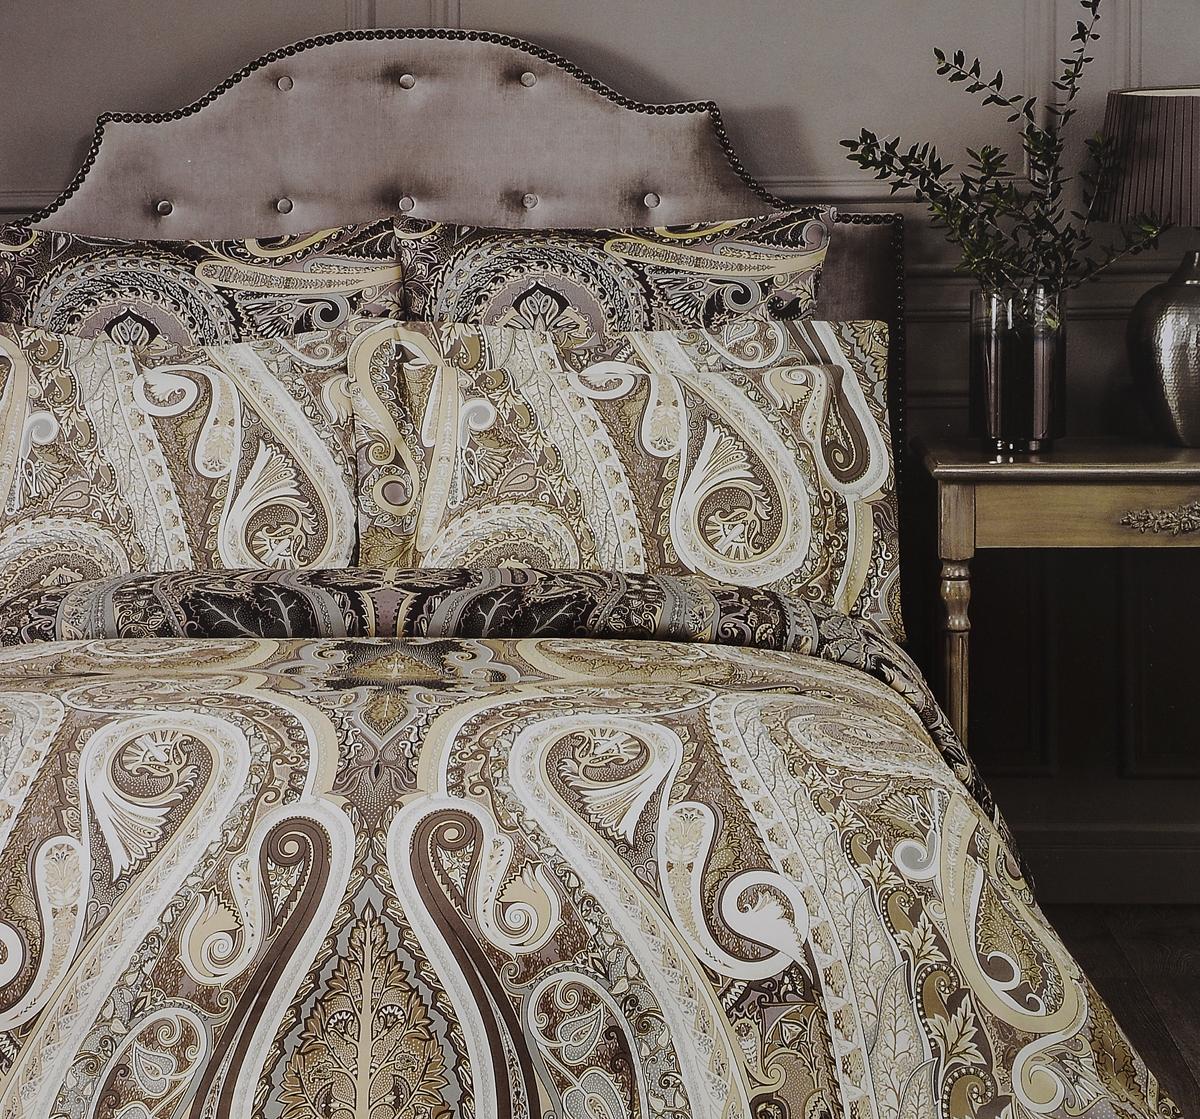 Комплект белья Togas Амрита, семейный, наволочки 50x7030.07.28.0475Комплект постельного белья Togas Амрита, выполненный из 100% тенселя, состоит из 2 пододеяльников, простыни и 2 наволочек. Изделия имеют классический крой и декорированы ярким принтом. Тенсель - материал натурального происхождения, который изготавливают из древесины австралийского эвкалипта и подвергают нанообработке. Комплект постельного белья Togas Амрита гармонично впишется в интерьер вашей спальни и создаст атмосферу уюта и комфорта.